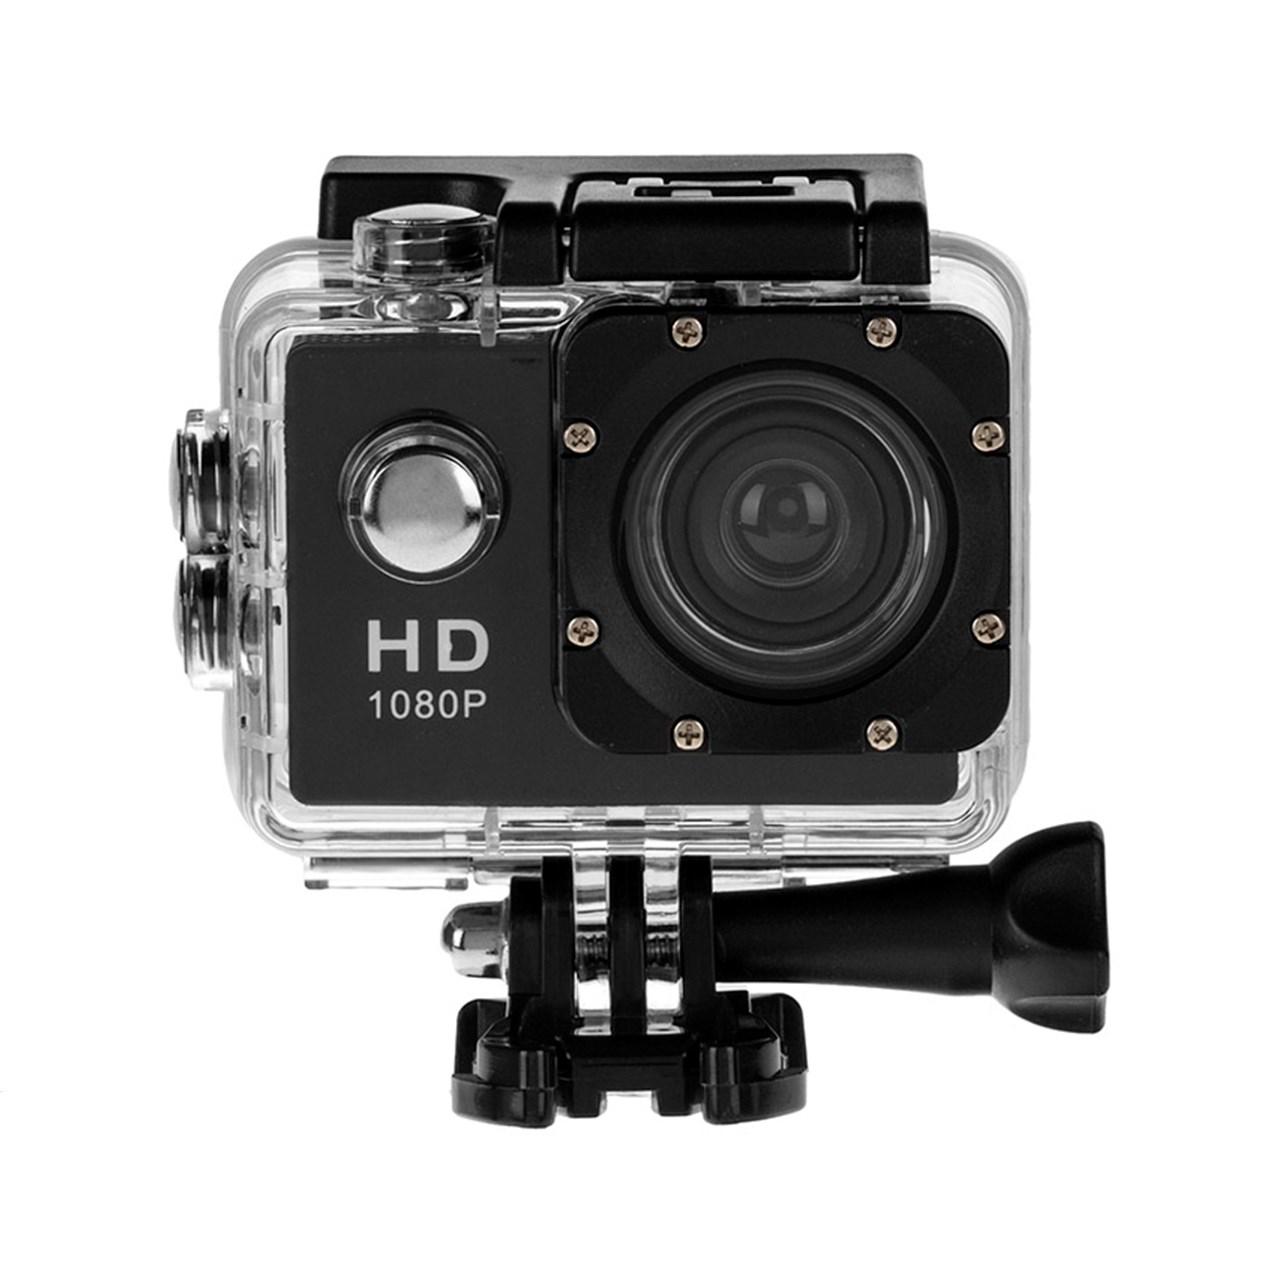 دوربین فیلمبرداری ورزشی اسپورت کم مدل 1080